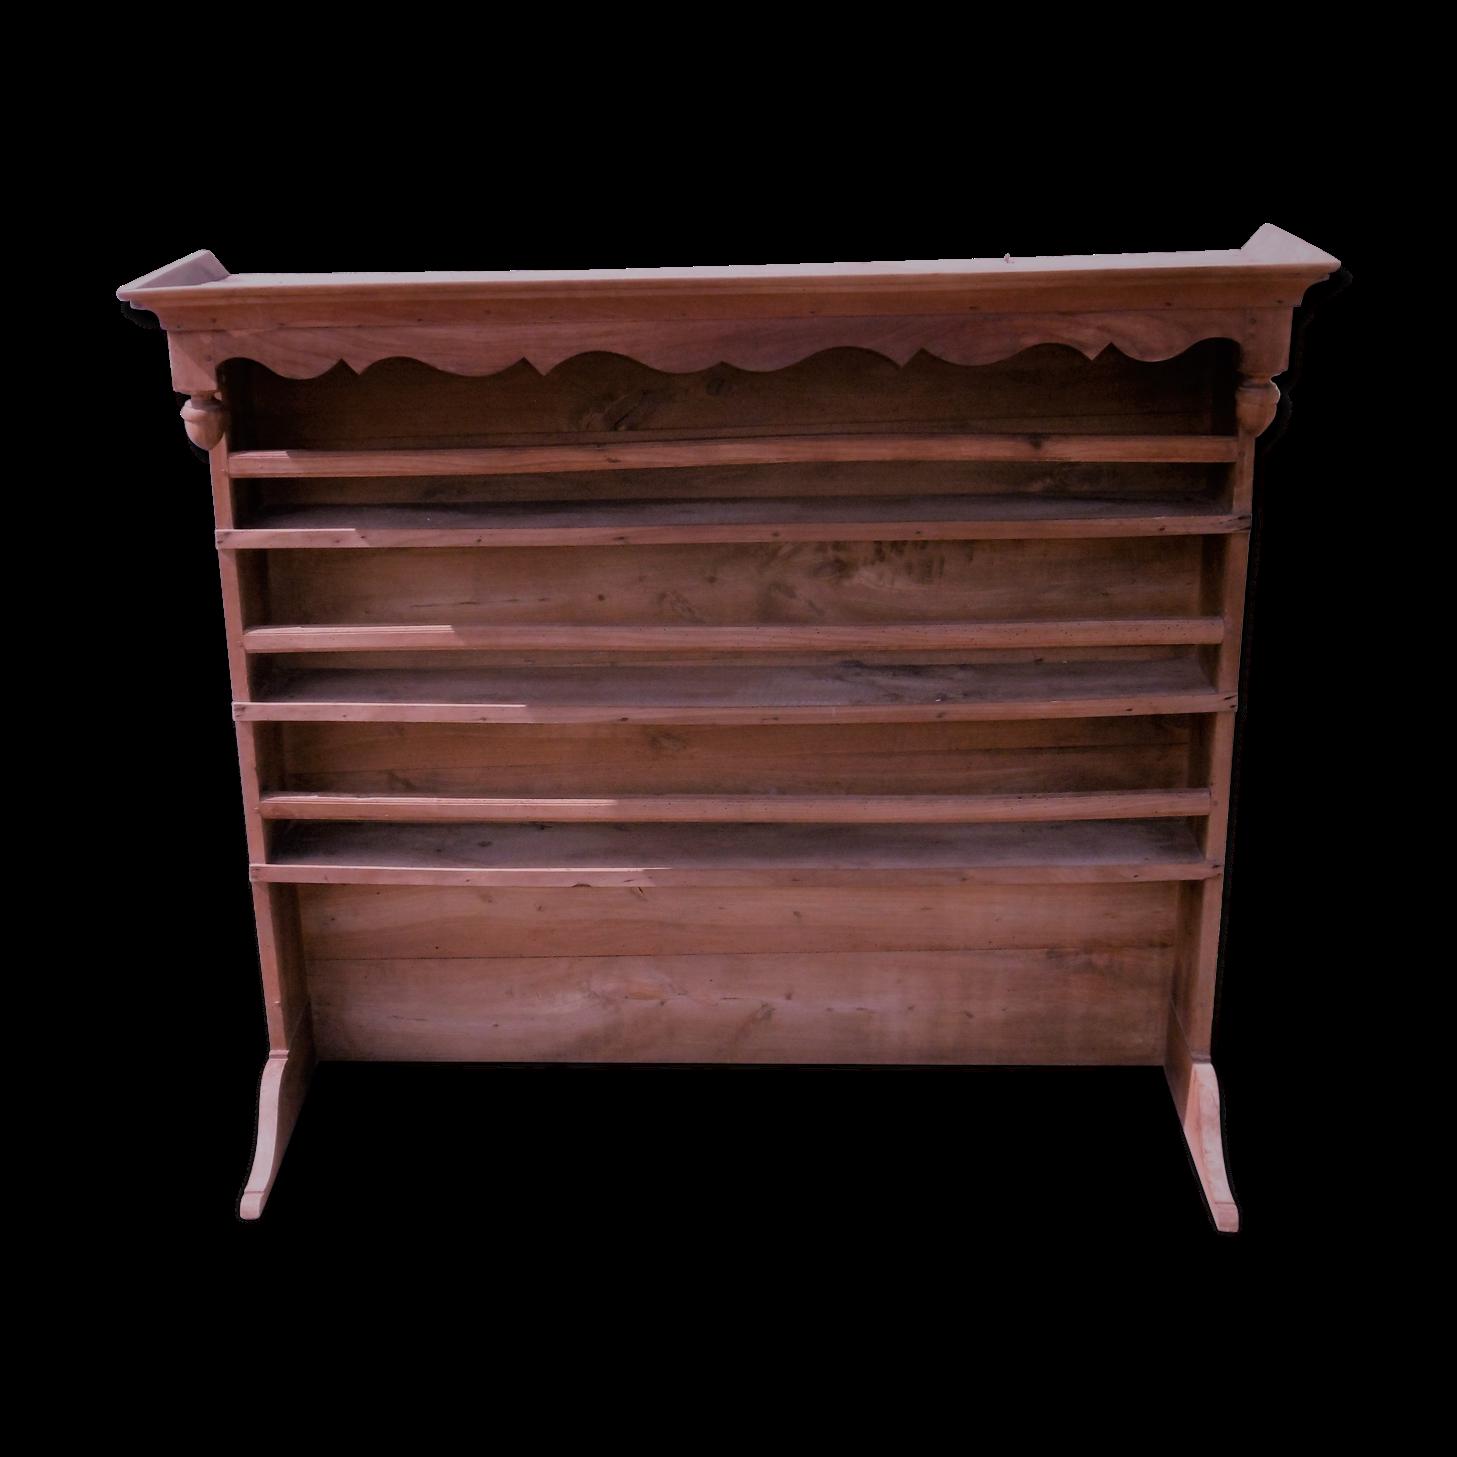 vaisselier en bois massif Haut de vaisselier en bois massif en merisier - bois (Matériau) - bois  (Couleur) - vintage - 7V66diN